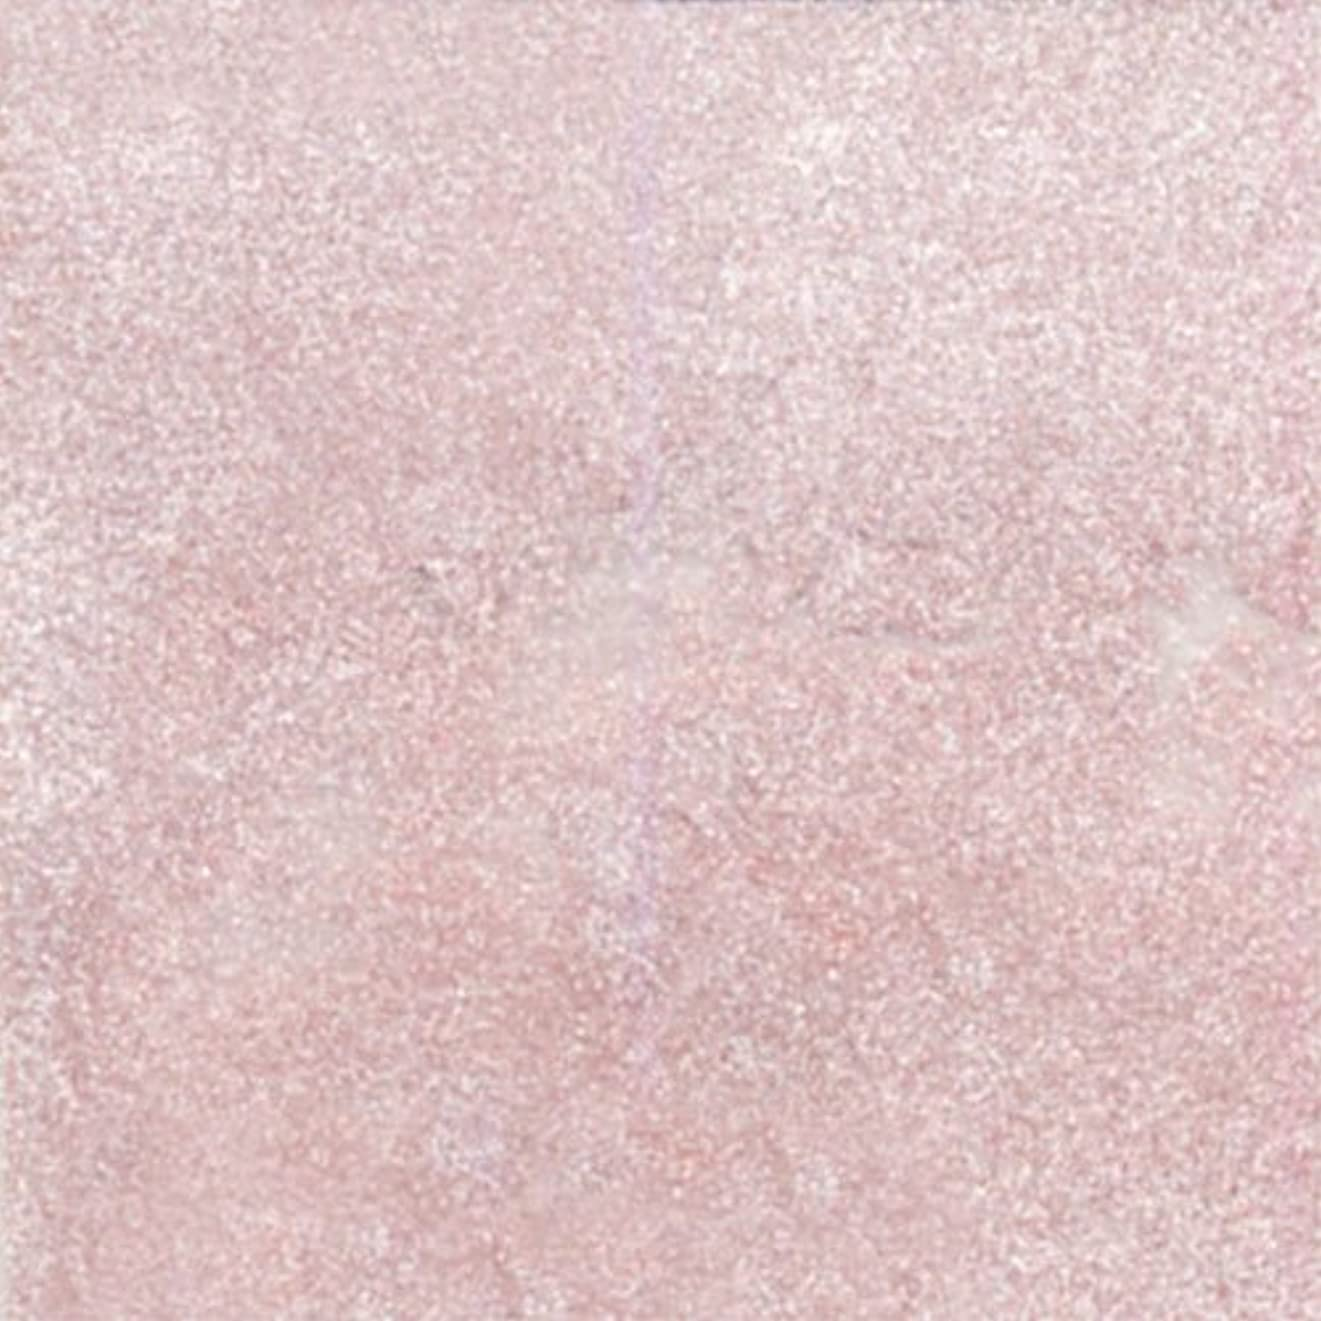 底海峡ひもお気に入りピカエース ネイル用パウダー シャインパウダー #830 薄桜 0.25g